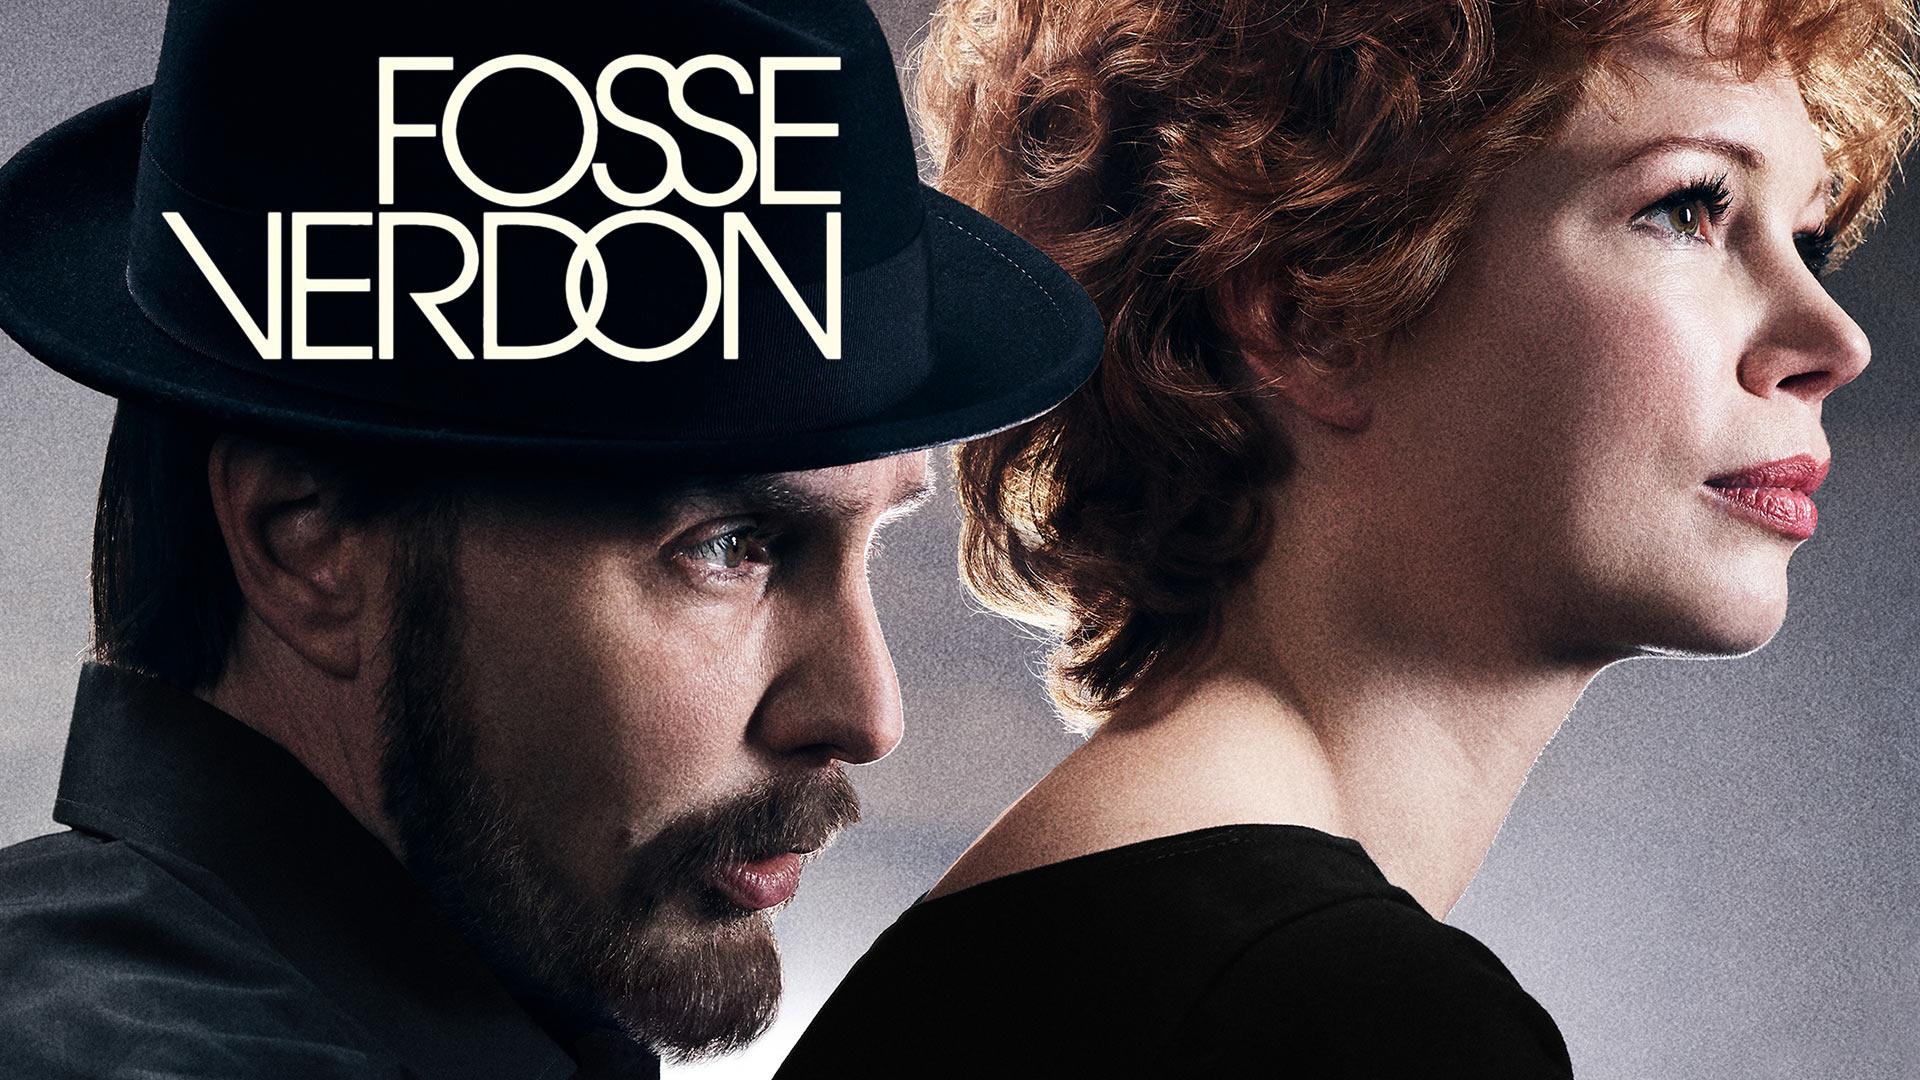 Fosse/Verdon Season 1